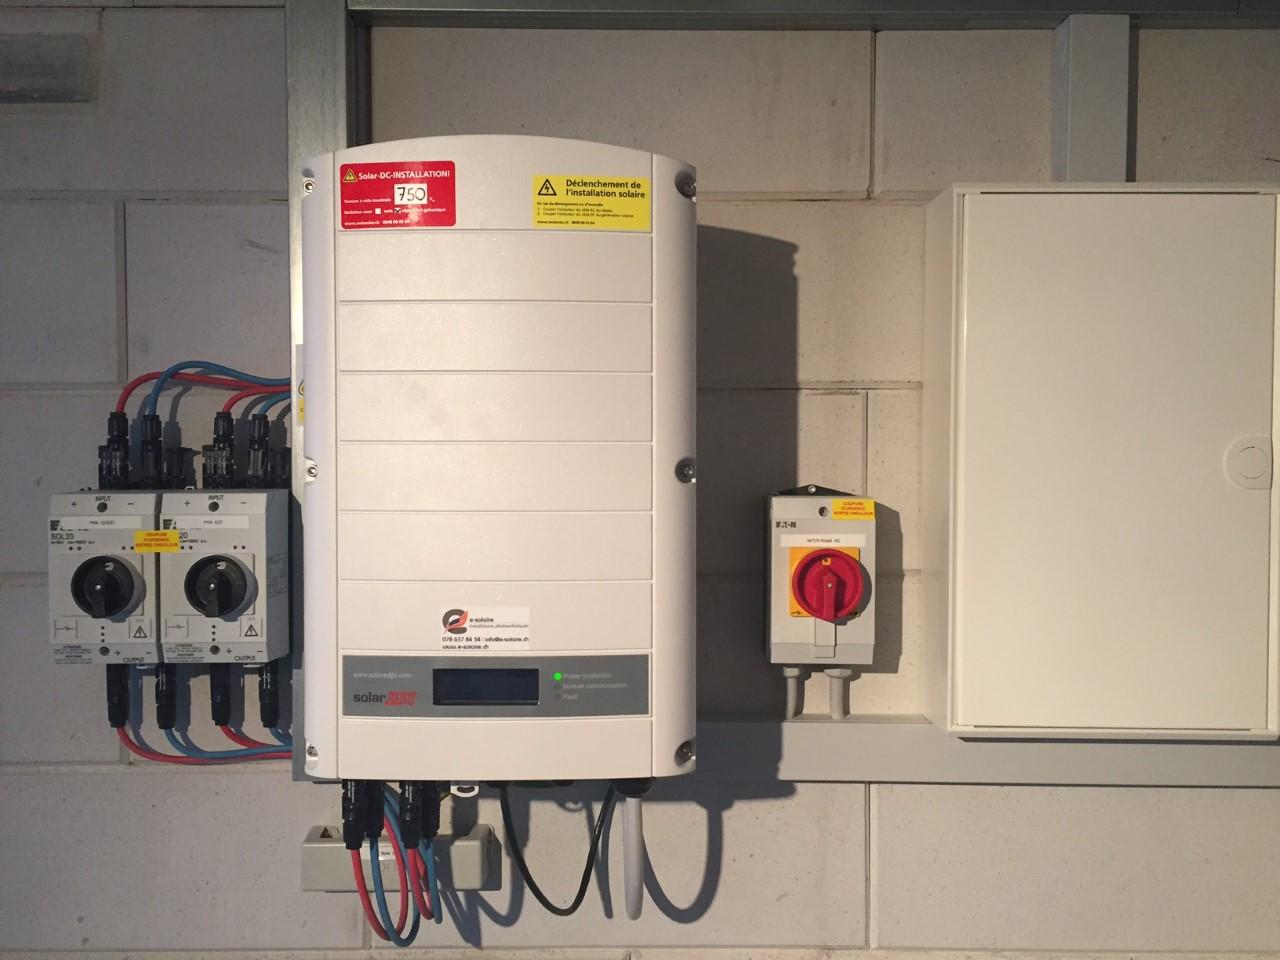 e-solaire installation Solaredge 17.4kWc